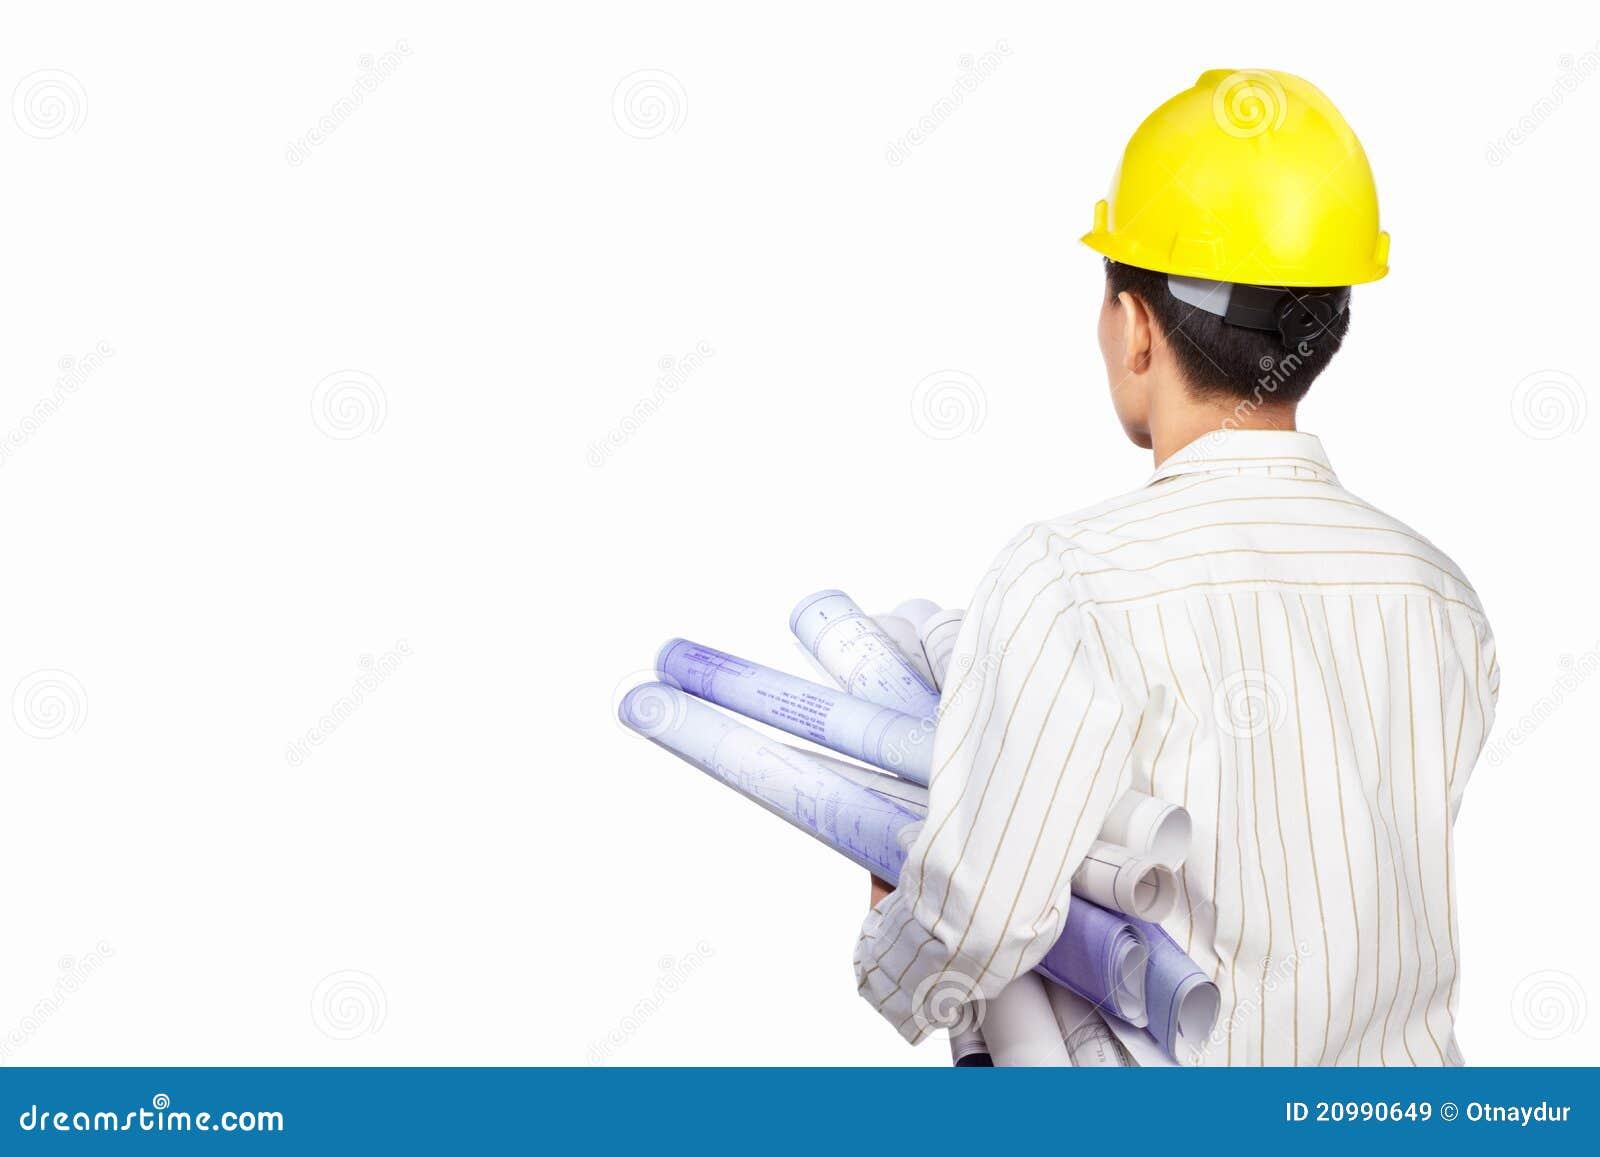 manual do engenheiro civil download